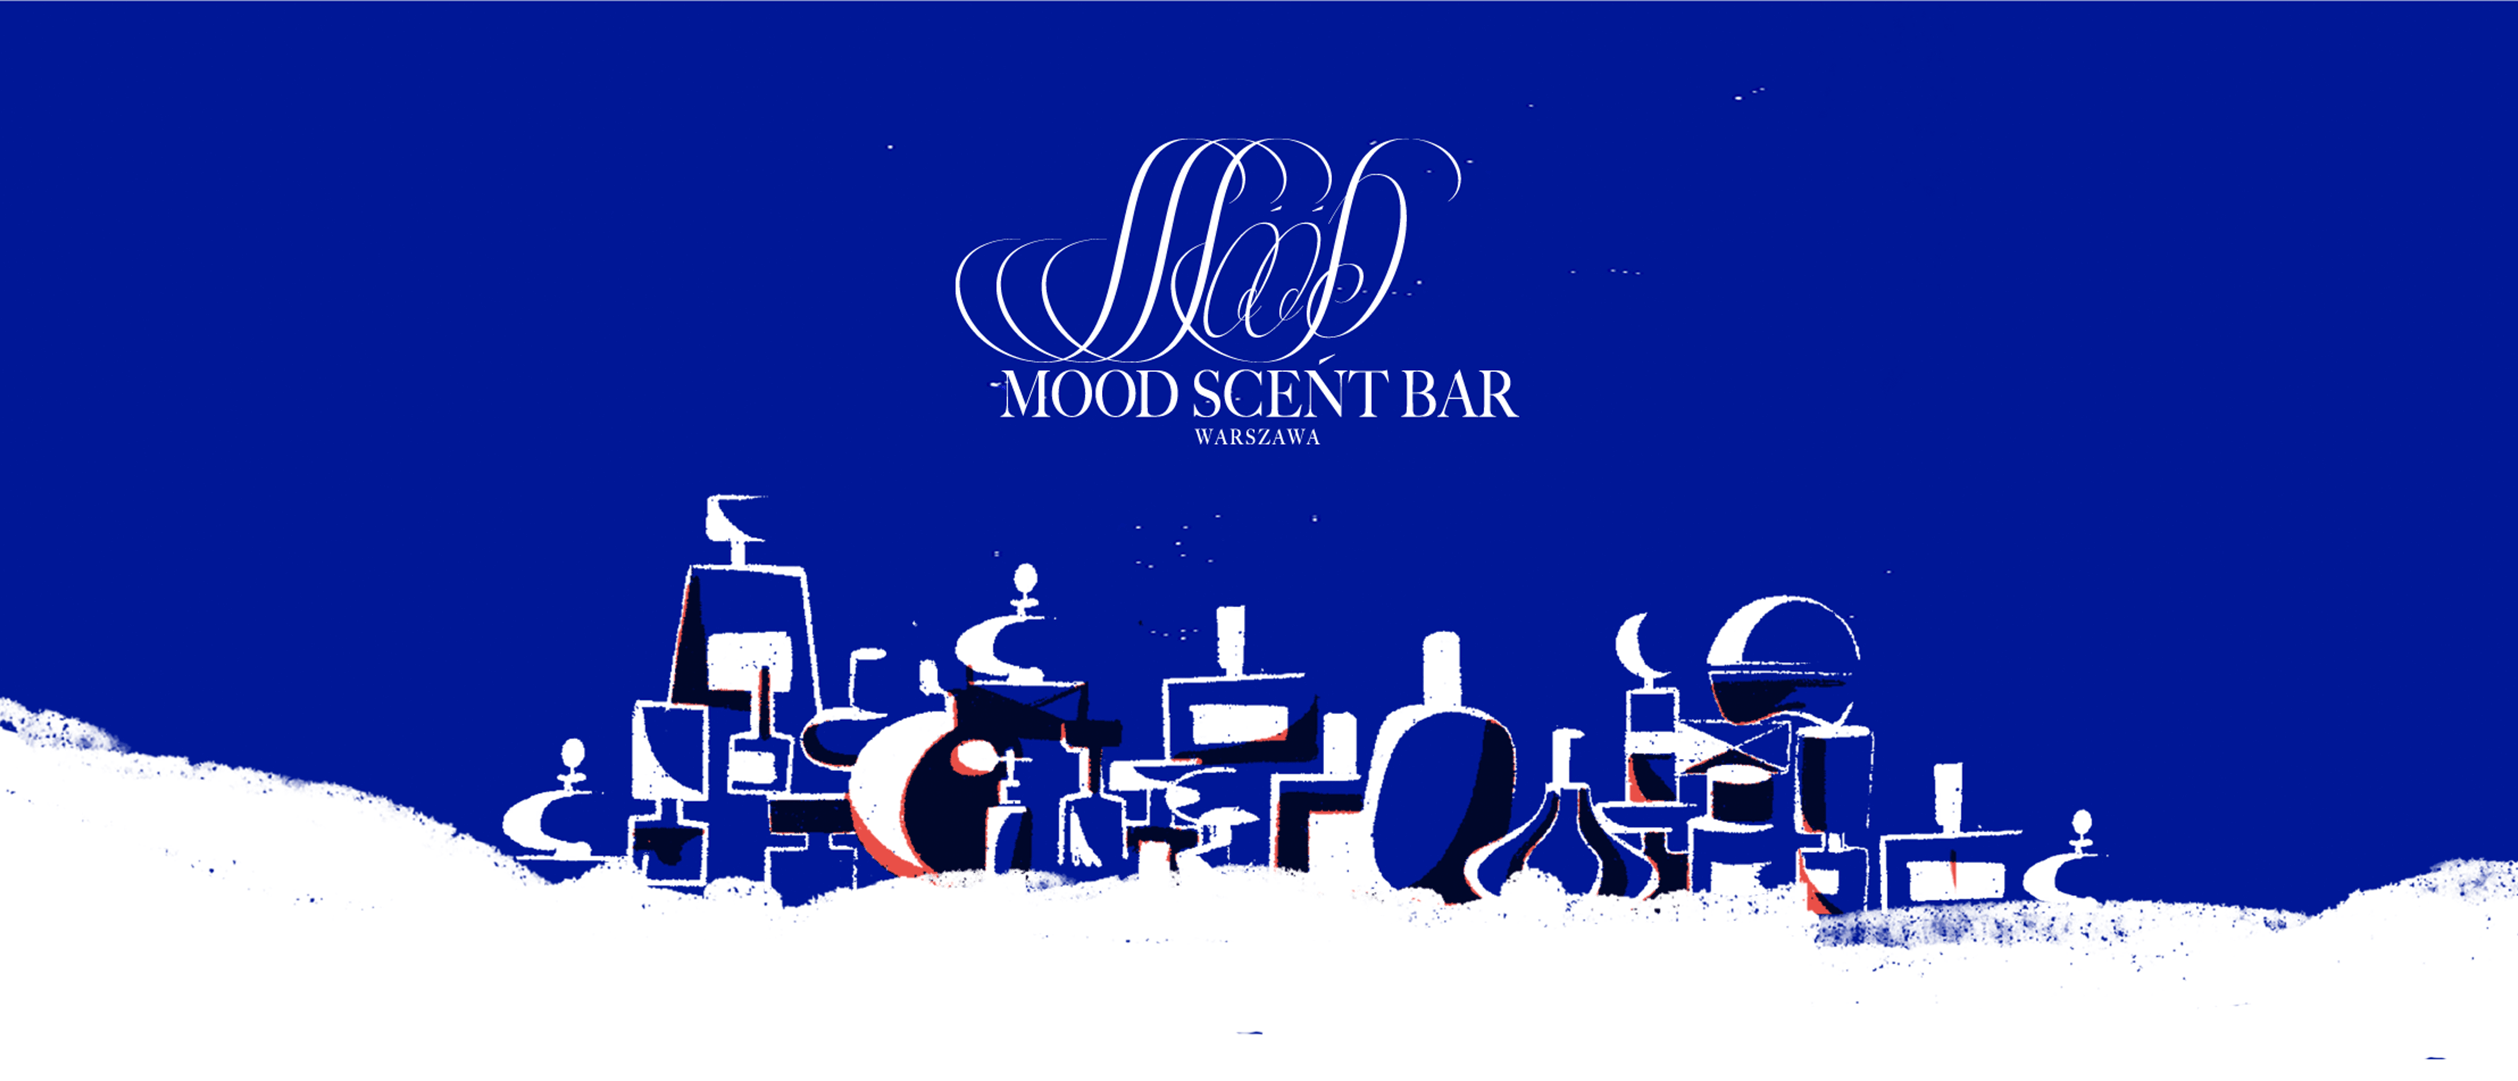 Mood Scent Bar